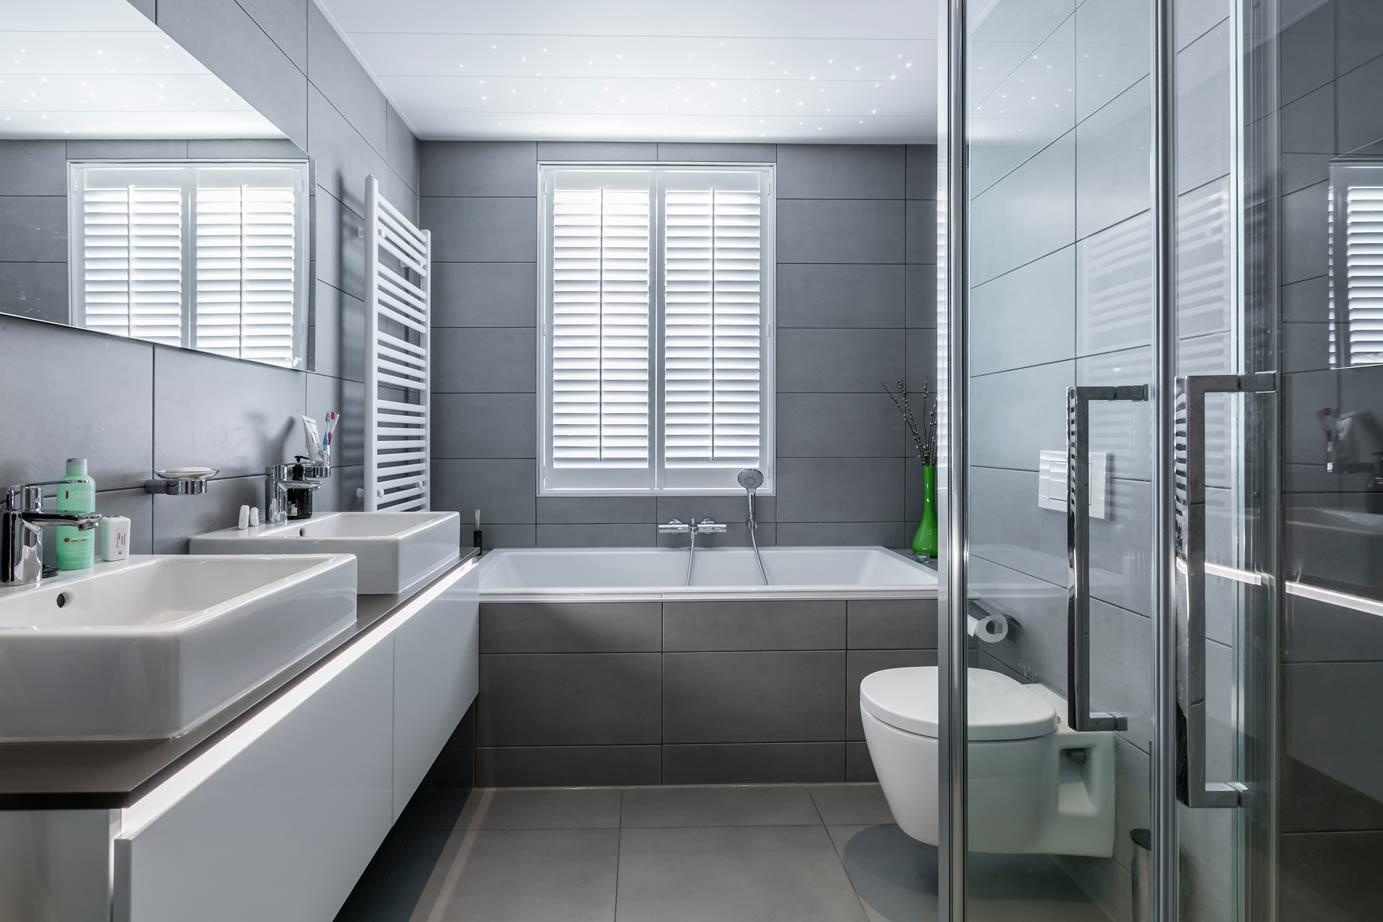 Tegels Badkamer Stroken : Wandtegels voor de badkamer en keuken db keukens